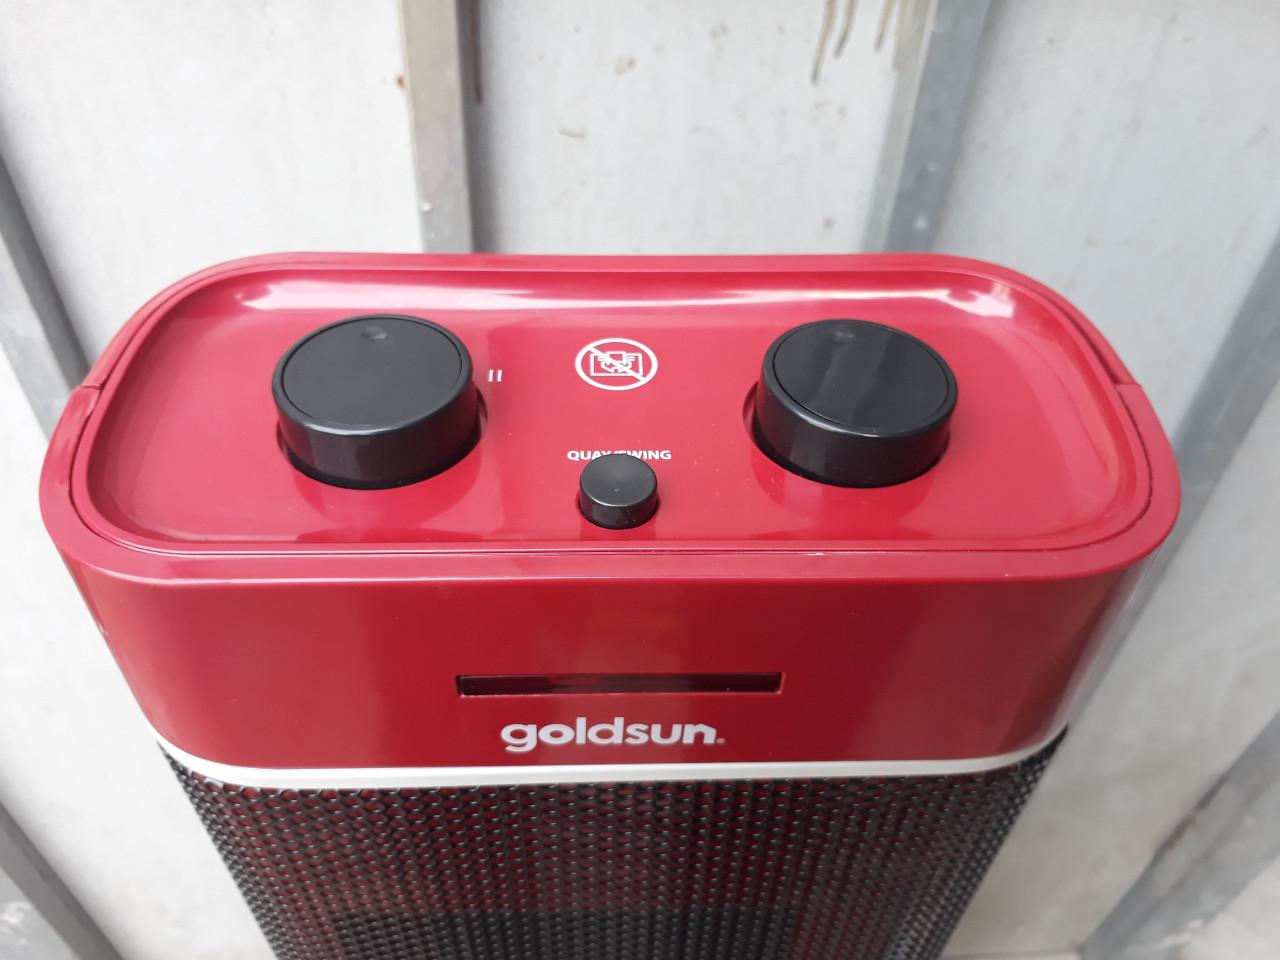 Hình ảnh thực tế quạt sưởi goldsun GCH-3001M